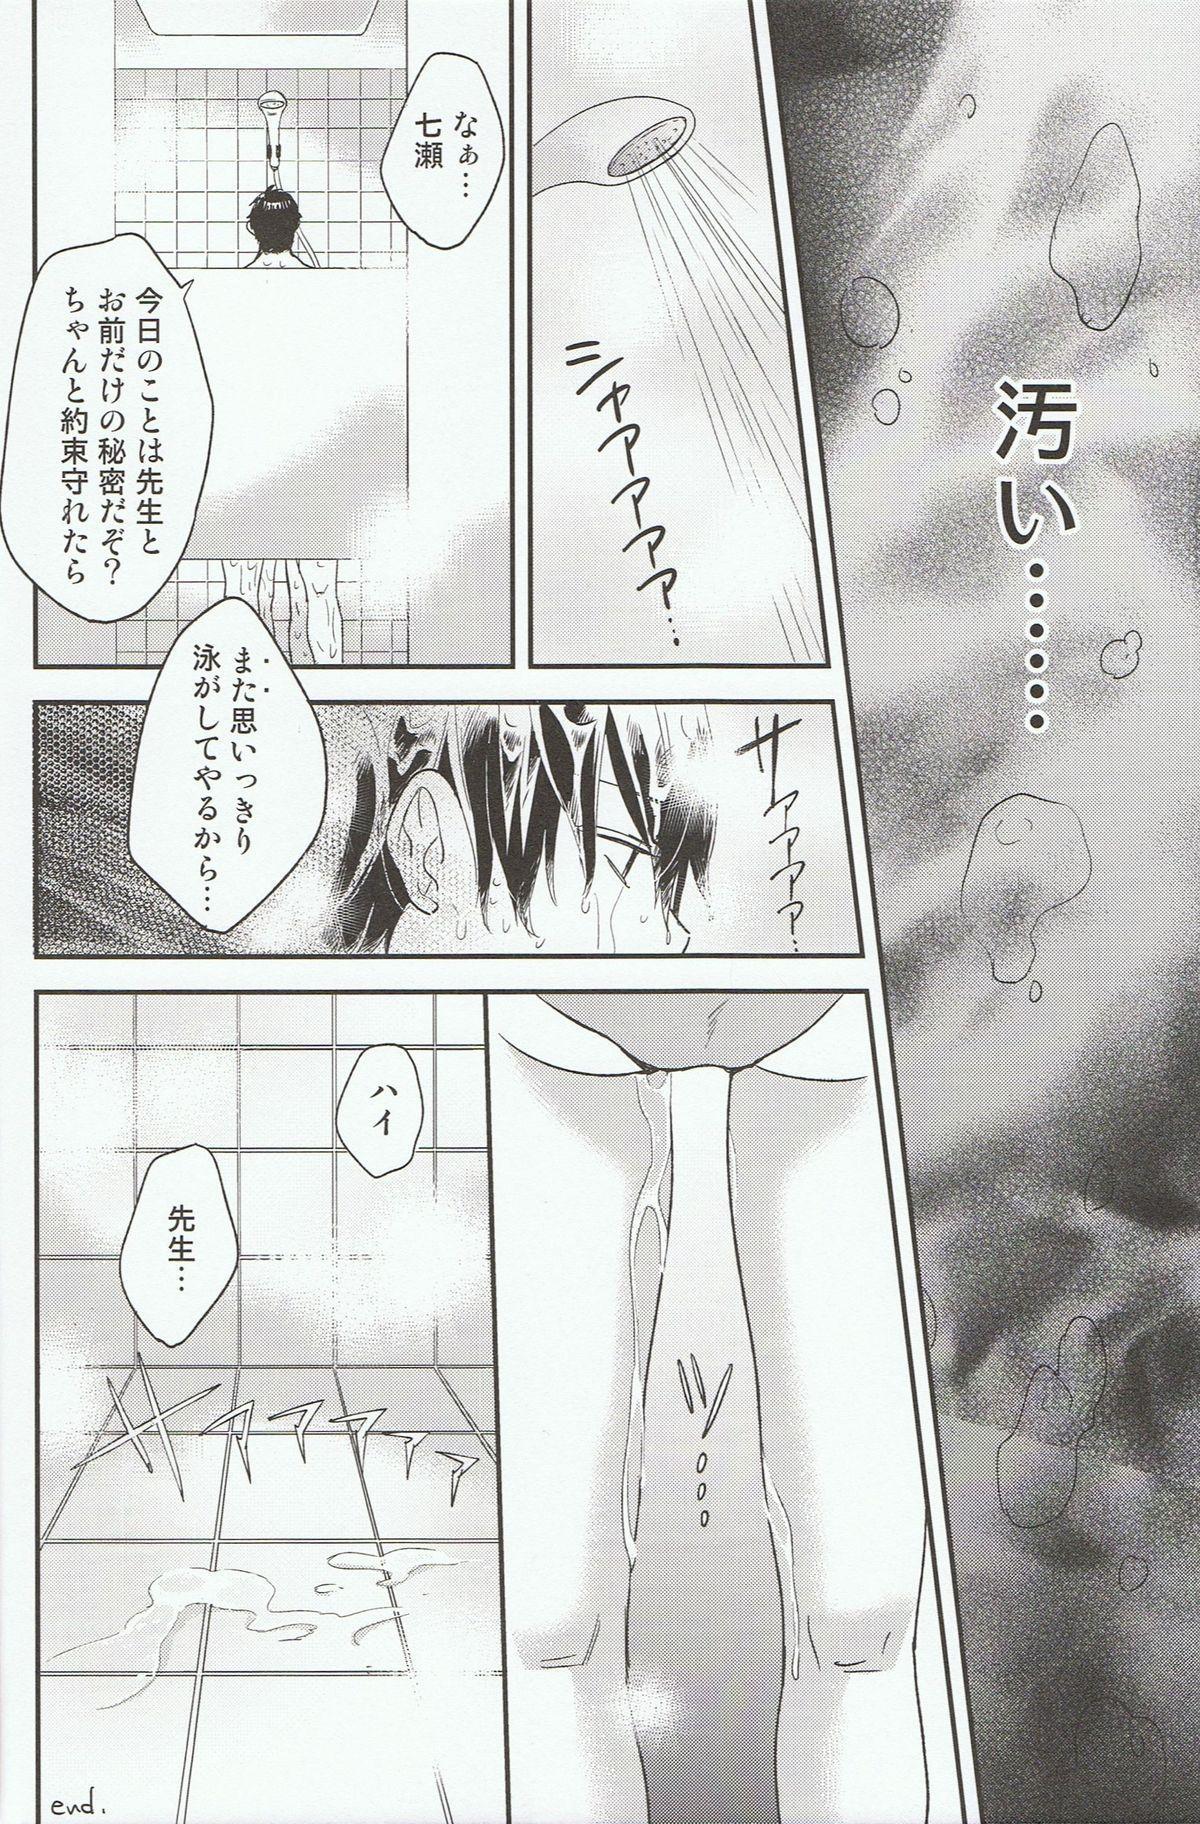 Iwatobi SC Seichou Log 13